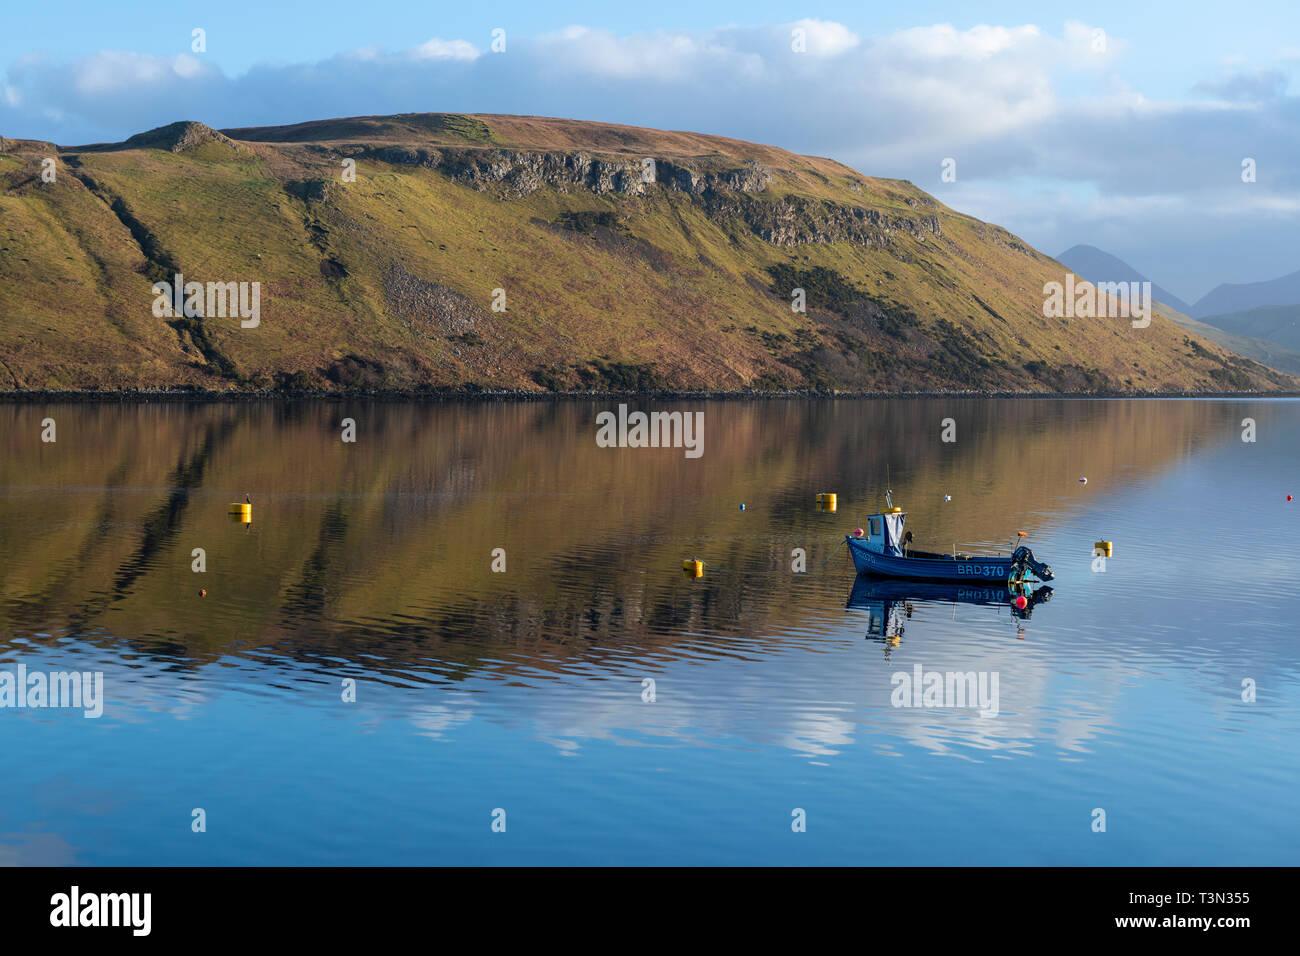 Coloridos reflejos en las tranquilas aguas del lago Loch Harport en la Isla de Skye, la región de tierras altas, Escocia, Reino Unido Foto de stock